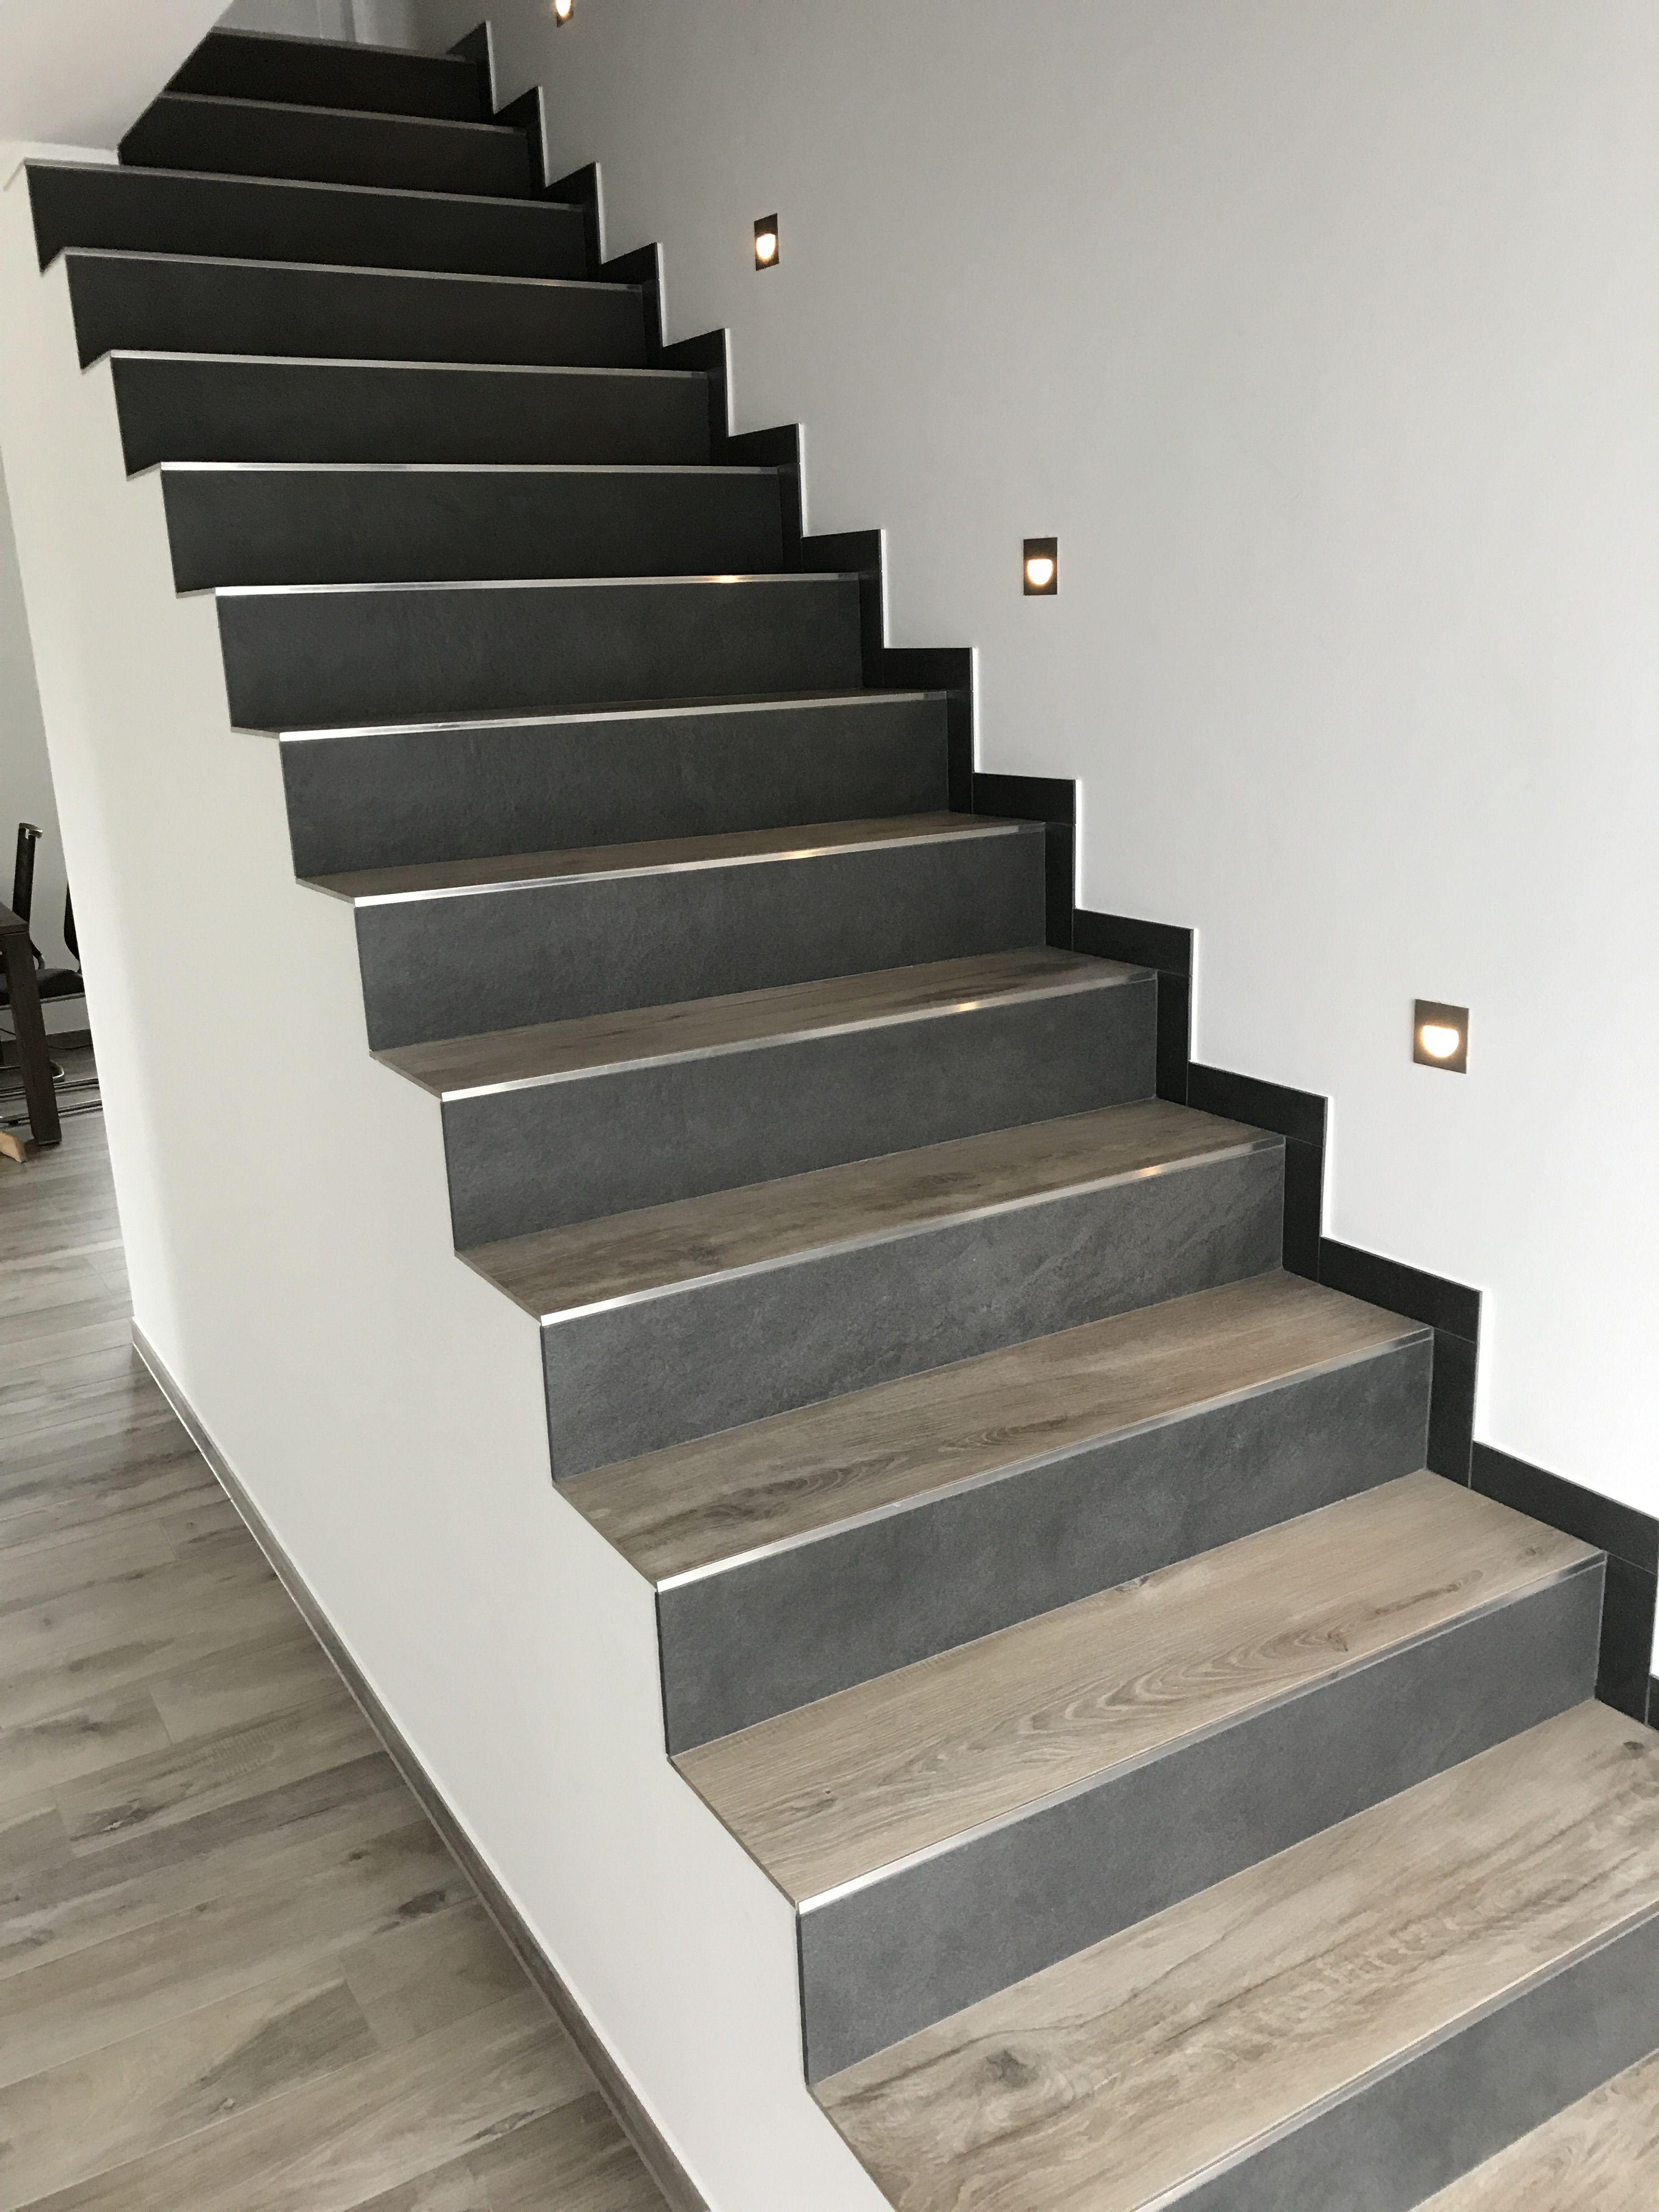 Treppe Fliesen In Holzoptik Verschiedene Farben Schody Pinterest - Fliesen für treppenstufen holzoptik